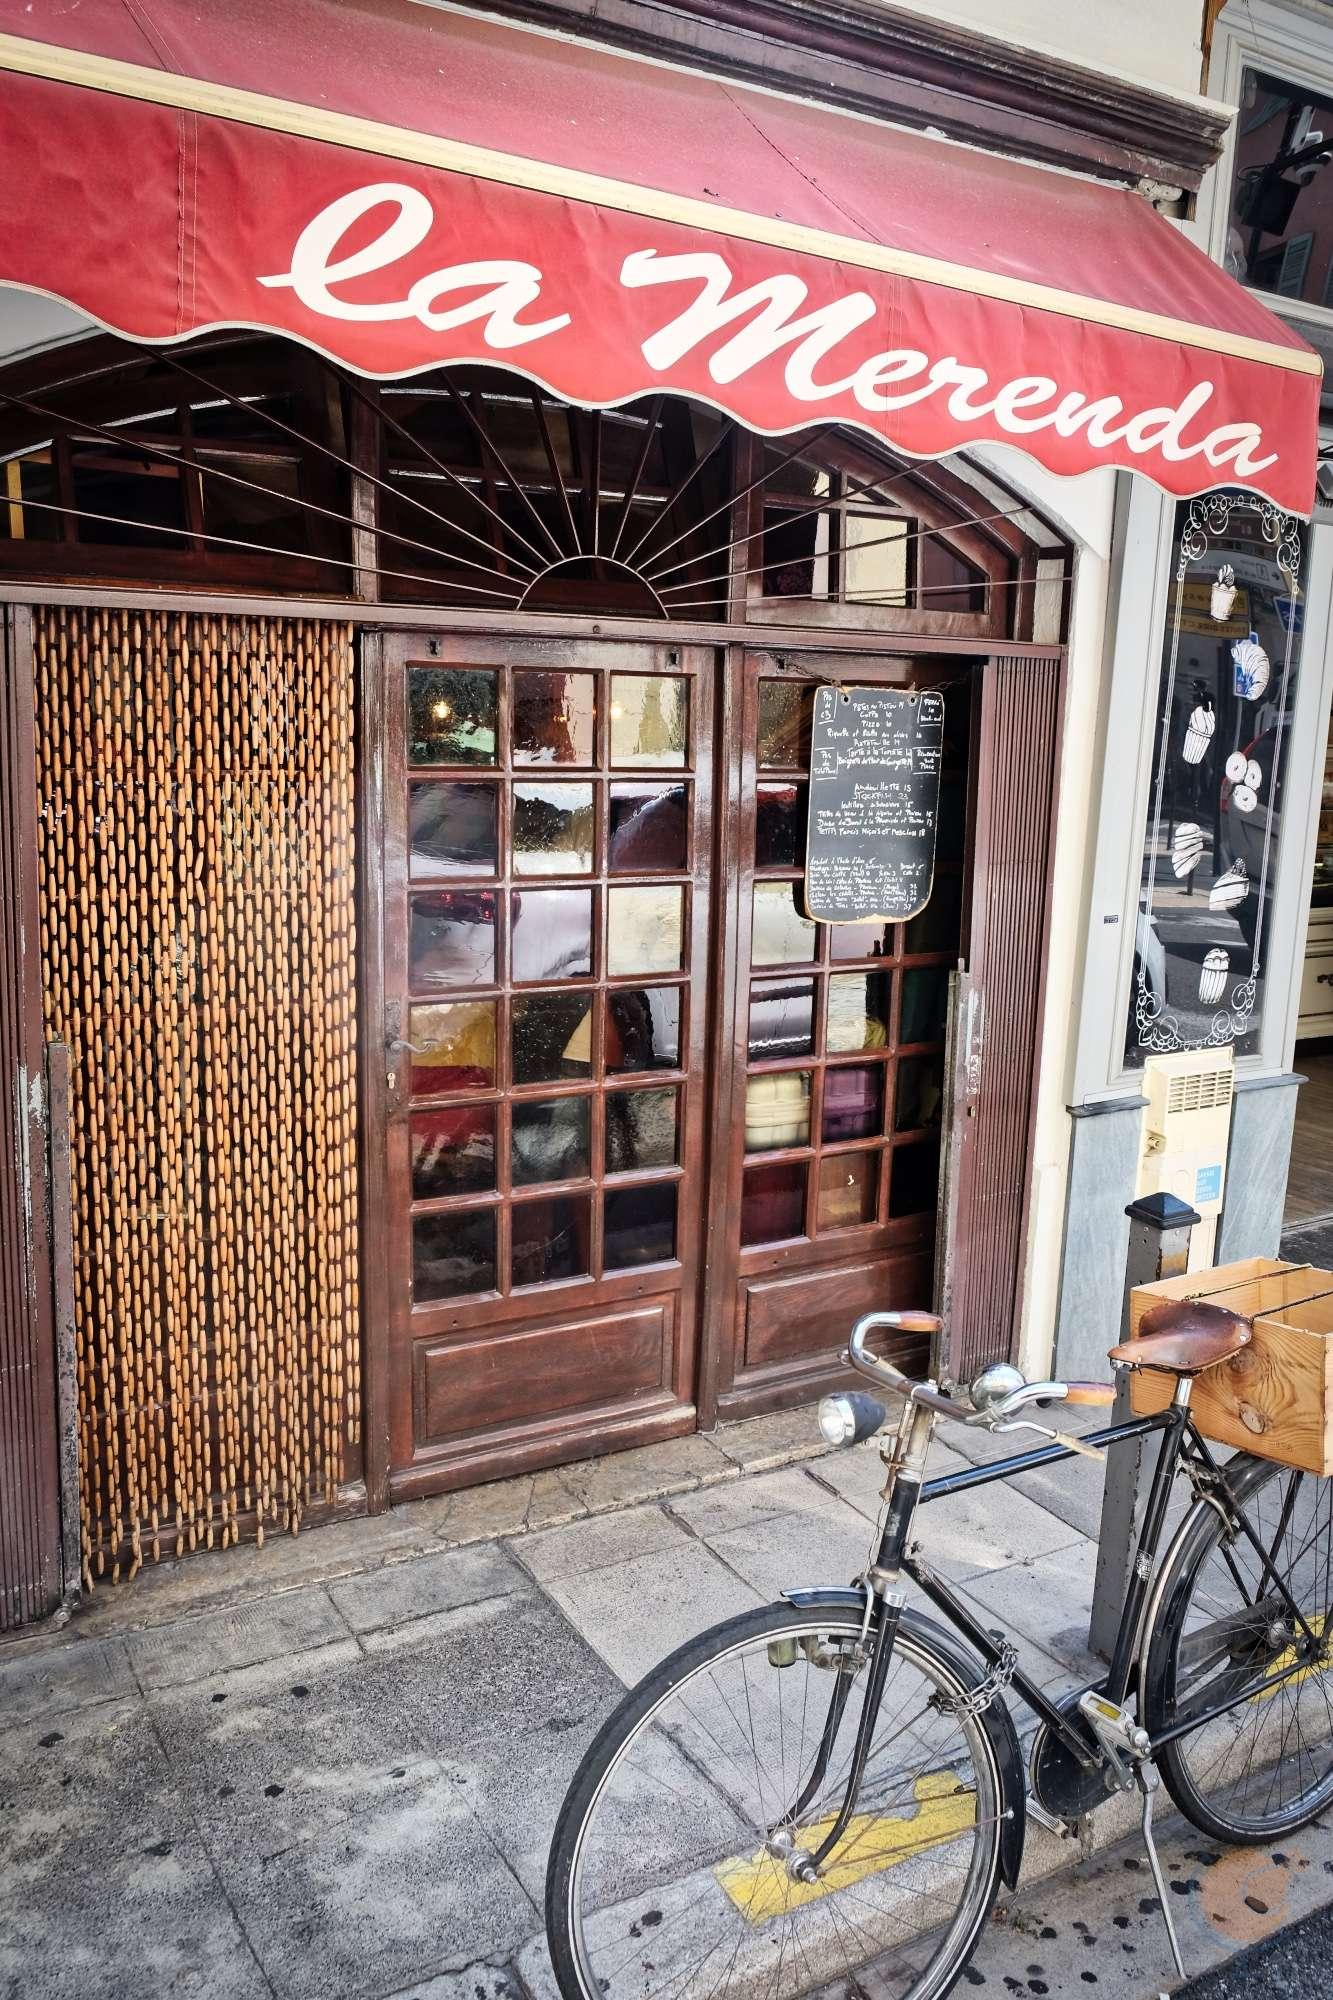 dscf1296_la_merenda_nice_nizza_restaurant_vilagevo_jokuti_andras_l_w.jpg